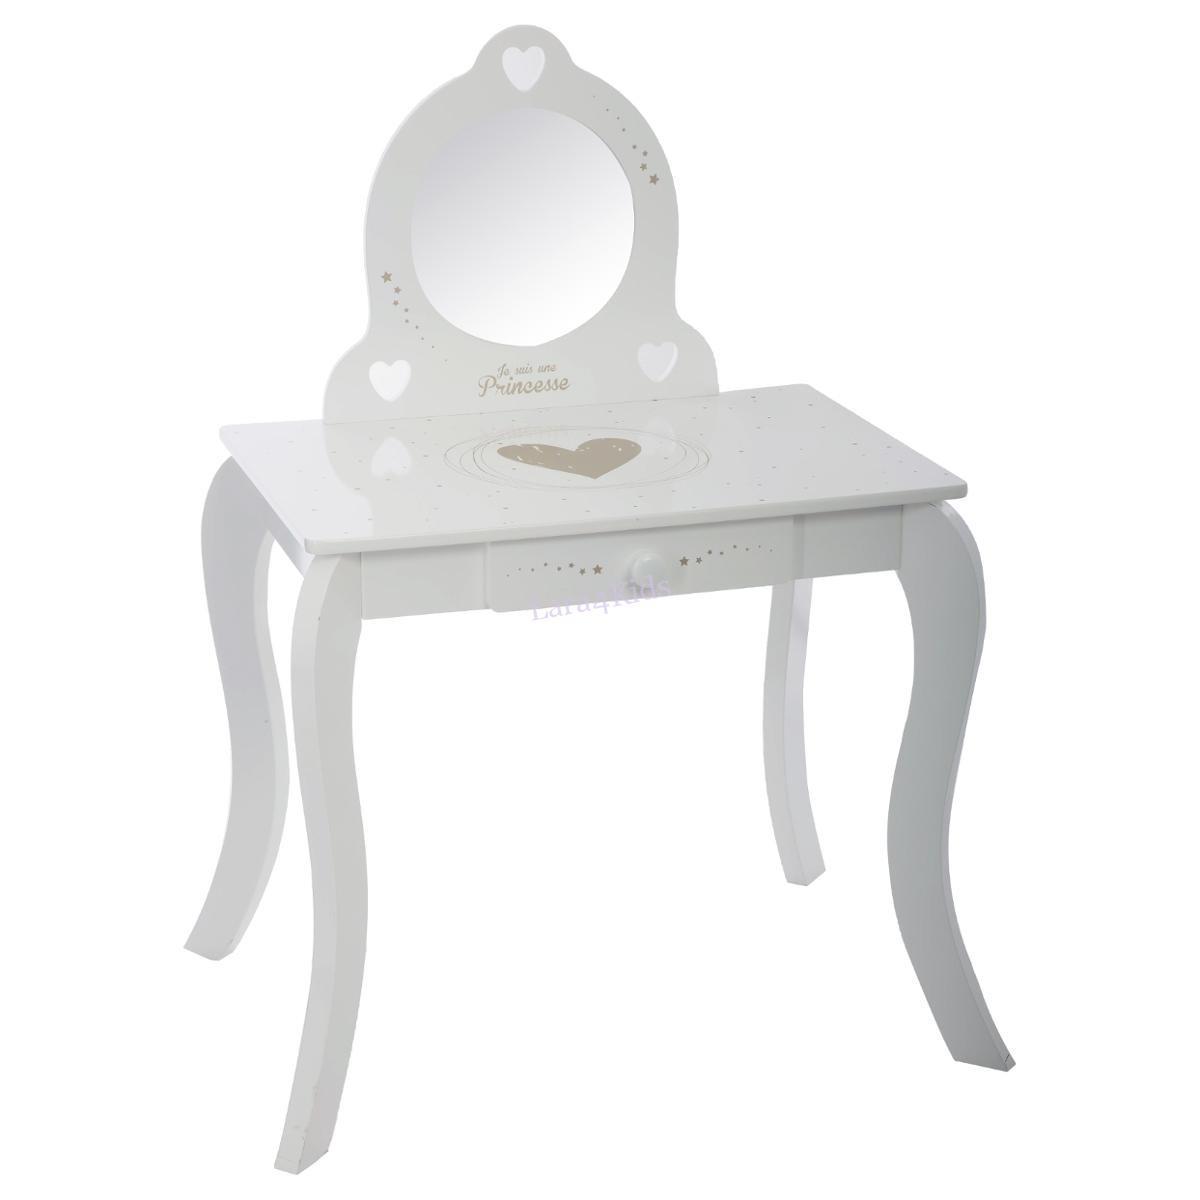 Fésülködőasztal és szék Atmosphera Demoiselle Blanche